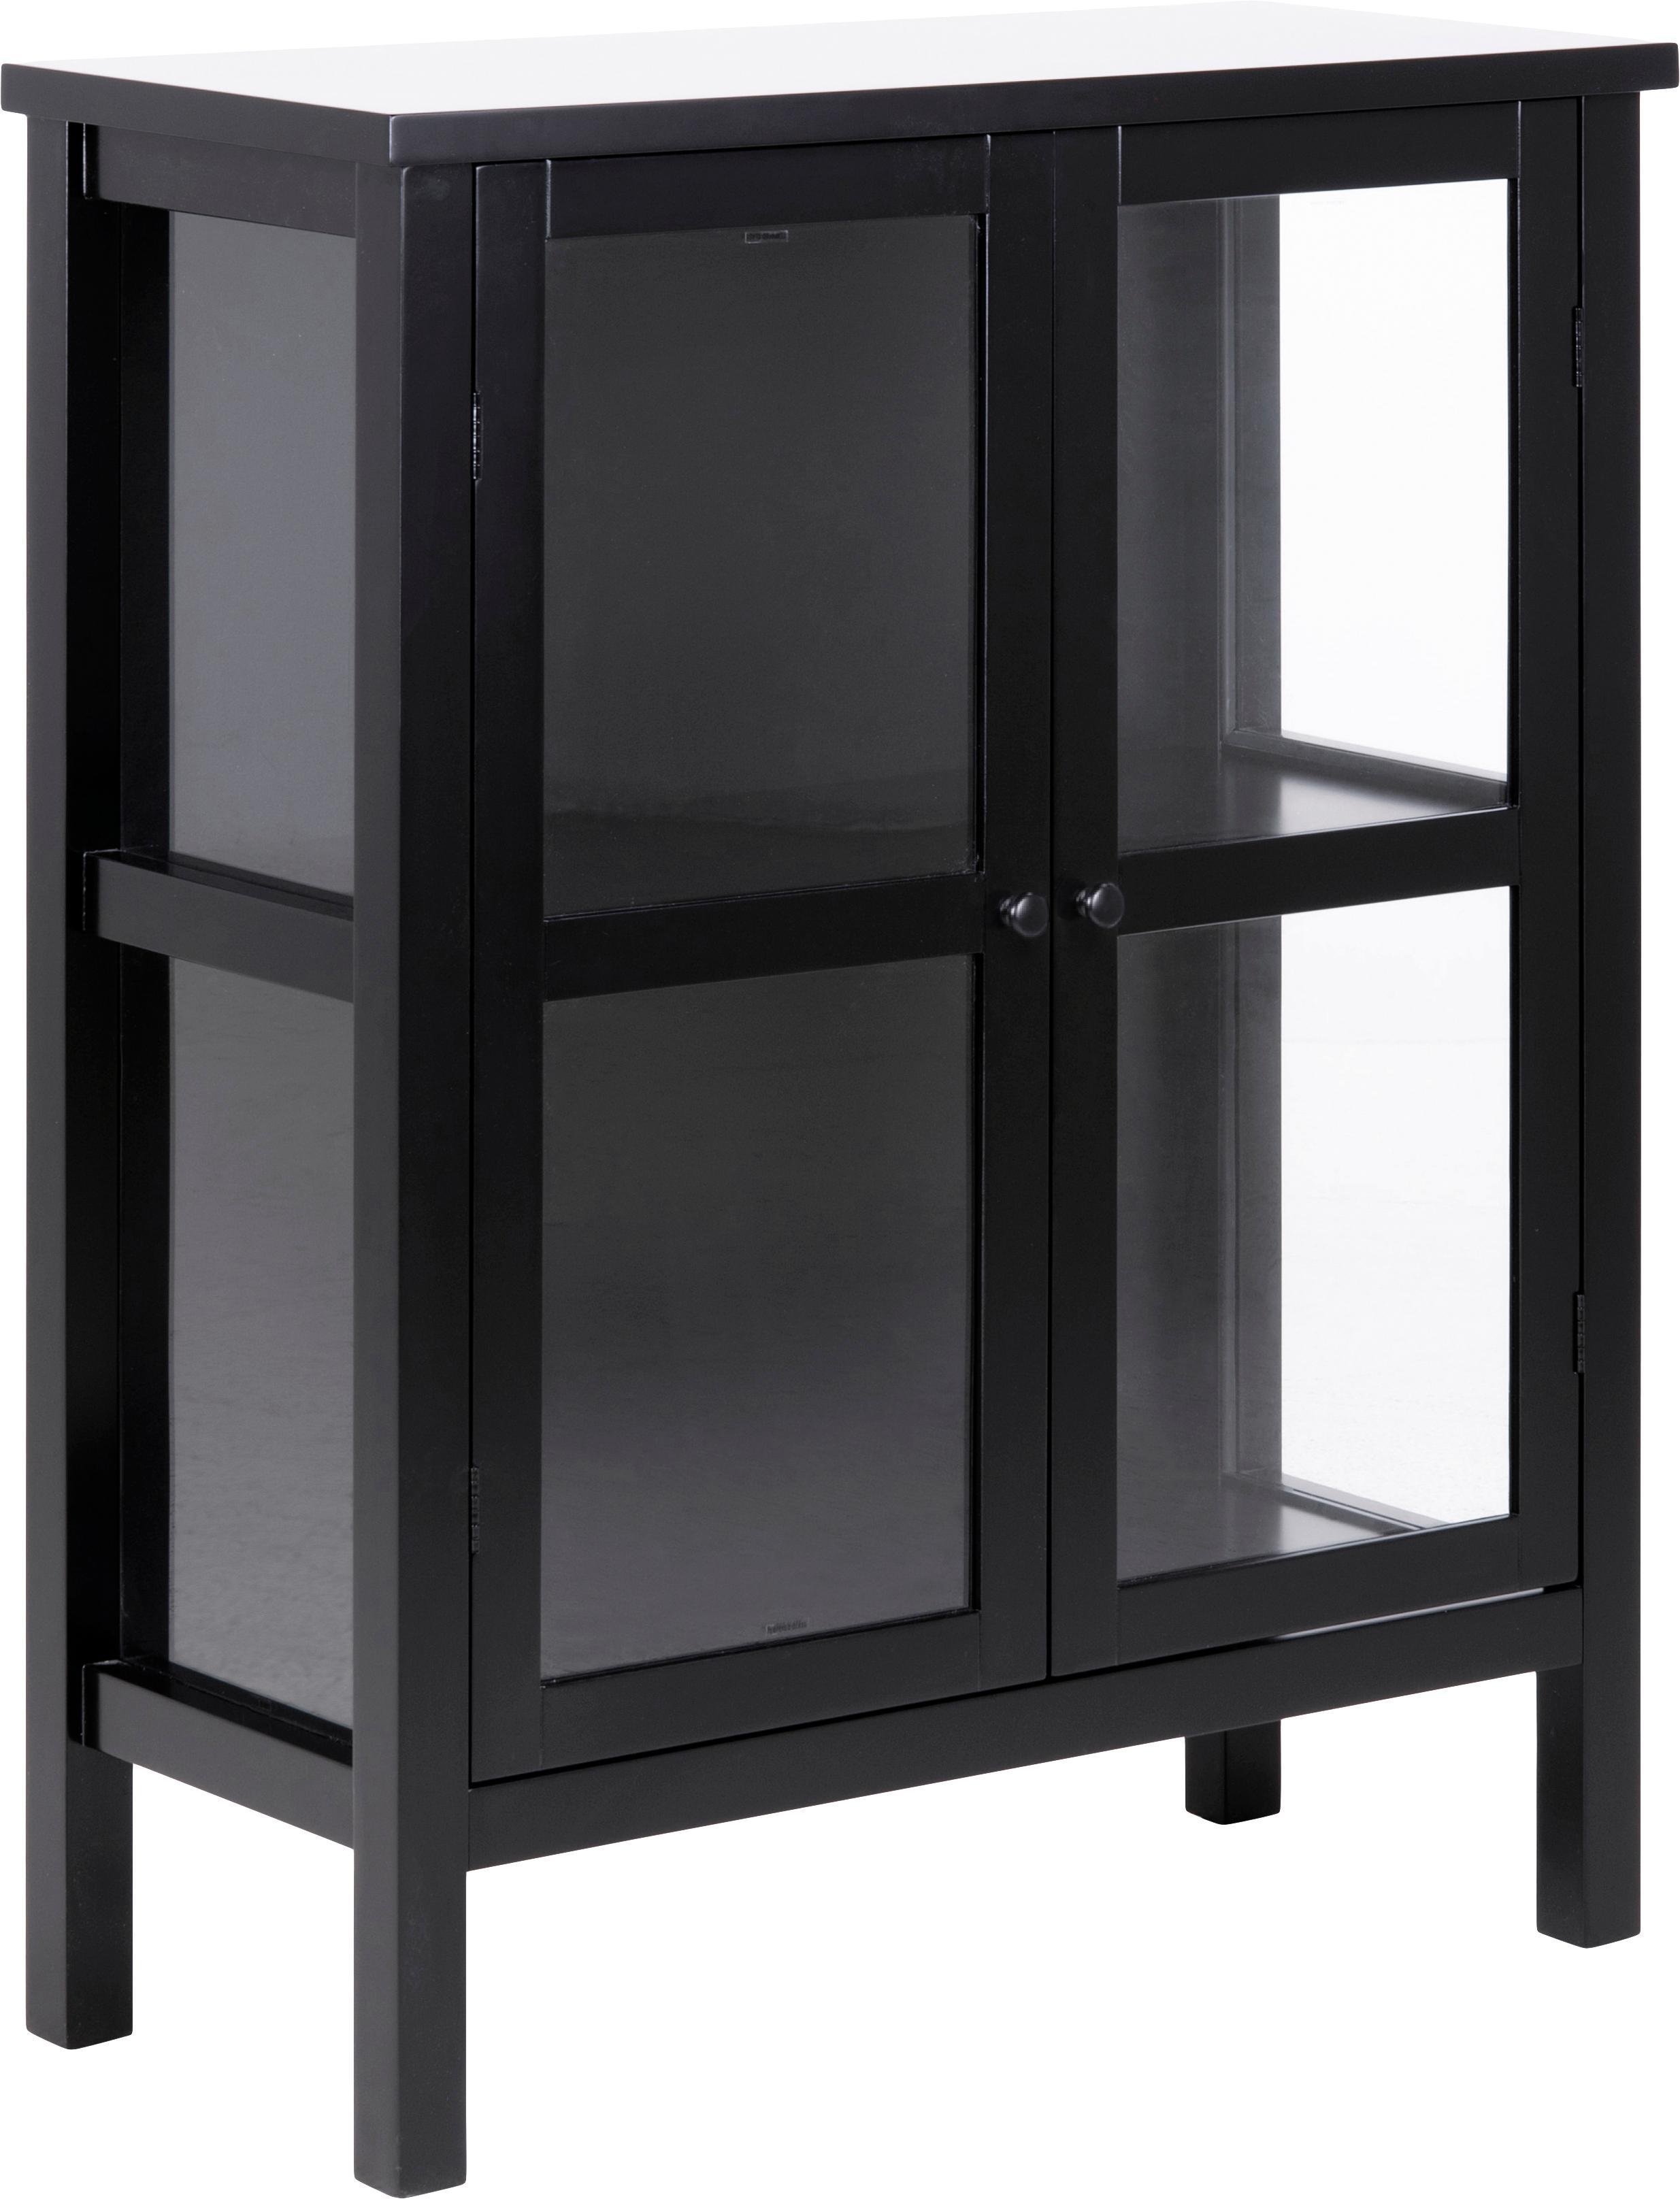 Vitrinekast Eton met houten frame, Frame: MDF, Zwart, 80 x 100 cm